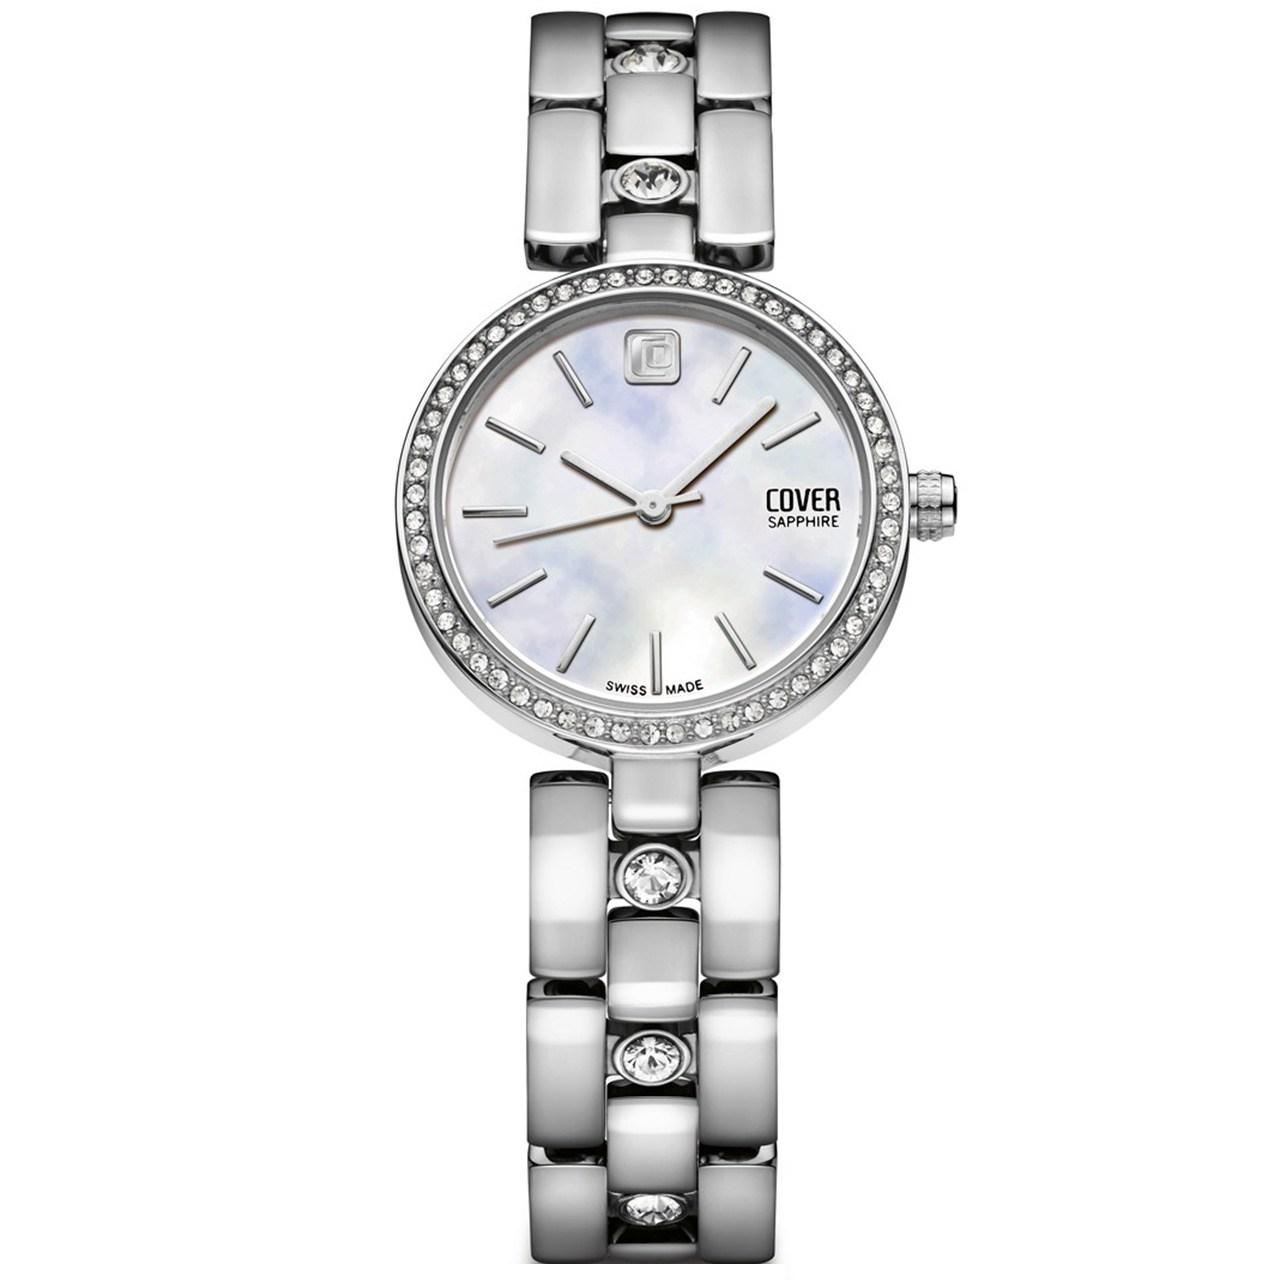 ساعت مچی عقربه ای زنانه کاور مدل Co147.01